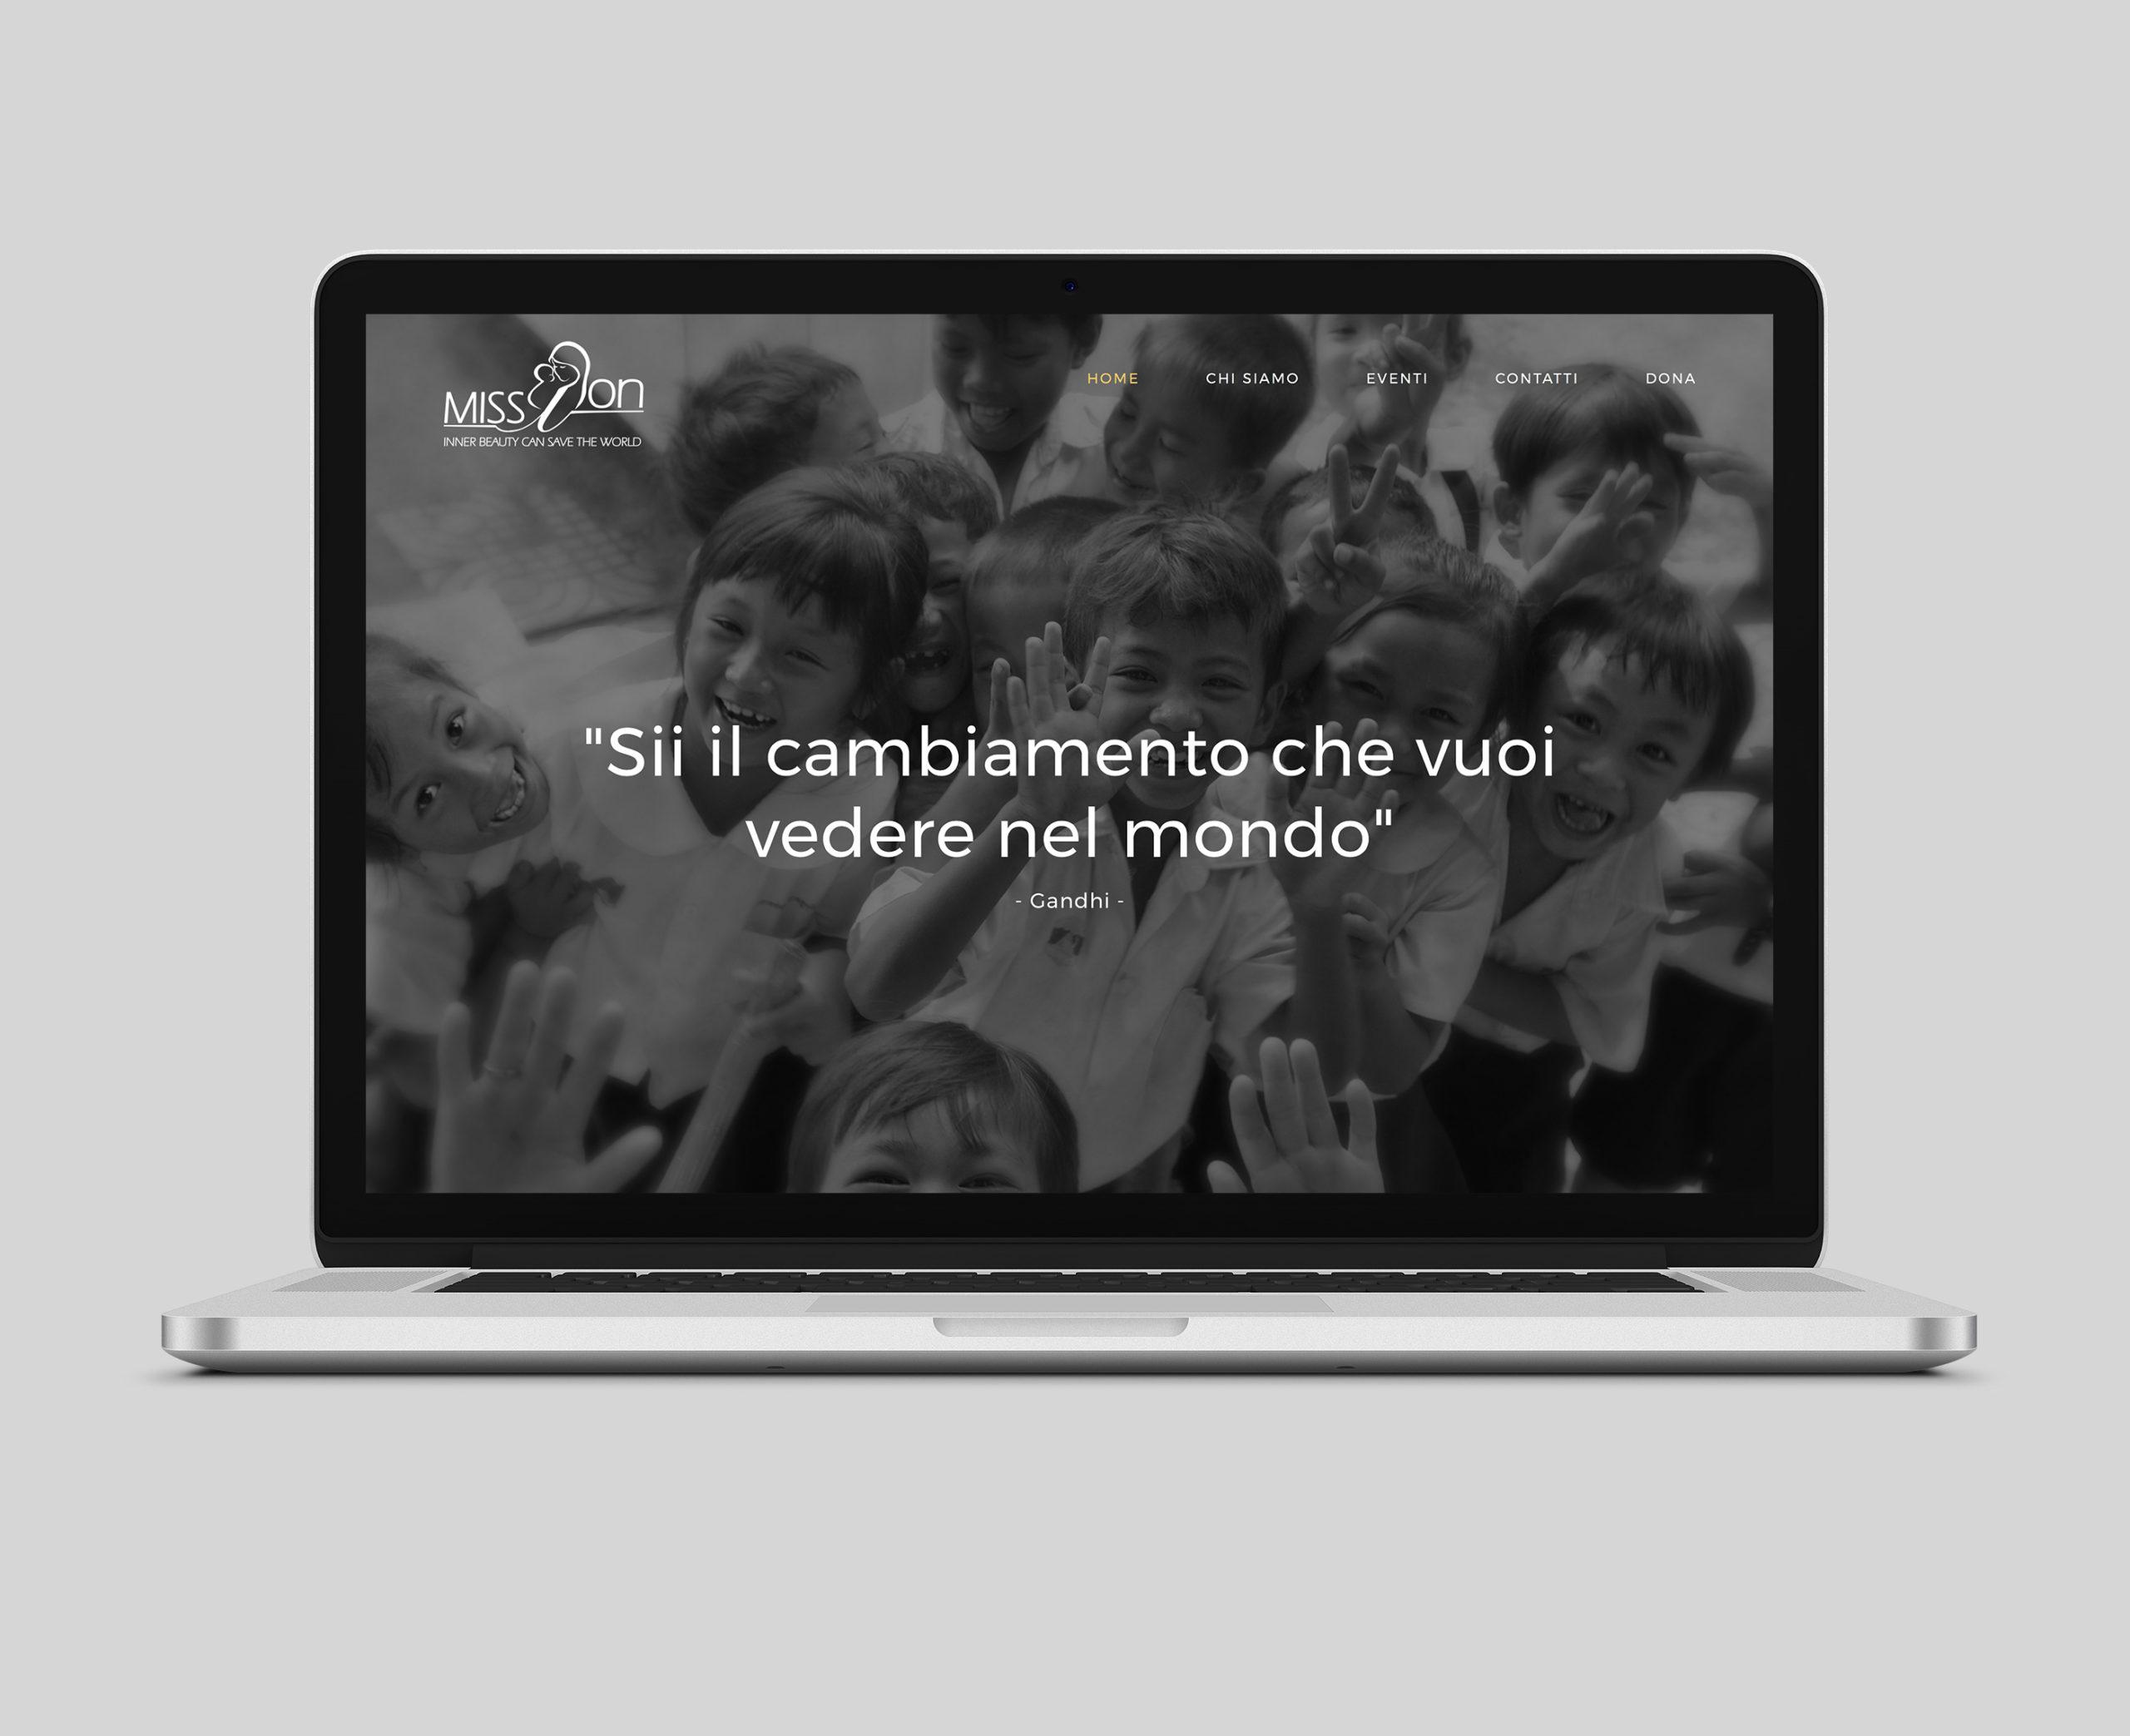 mission web site